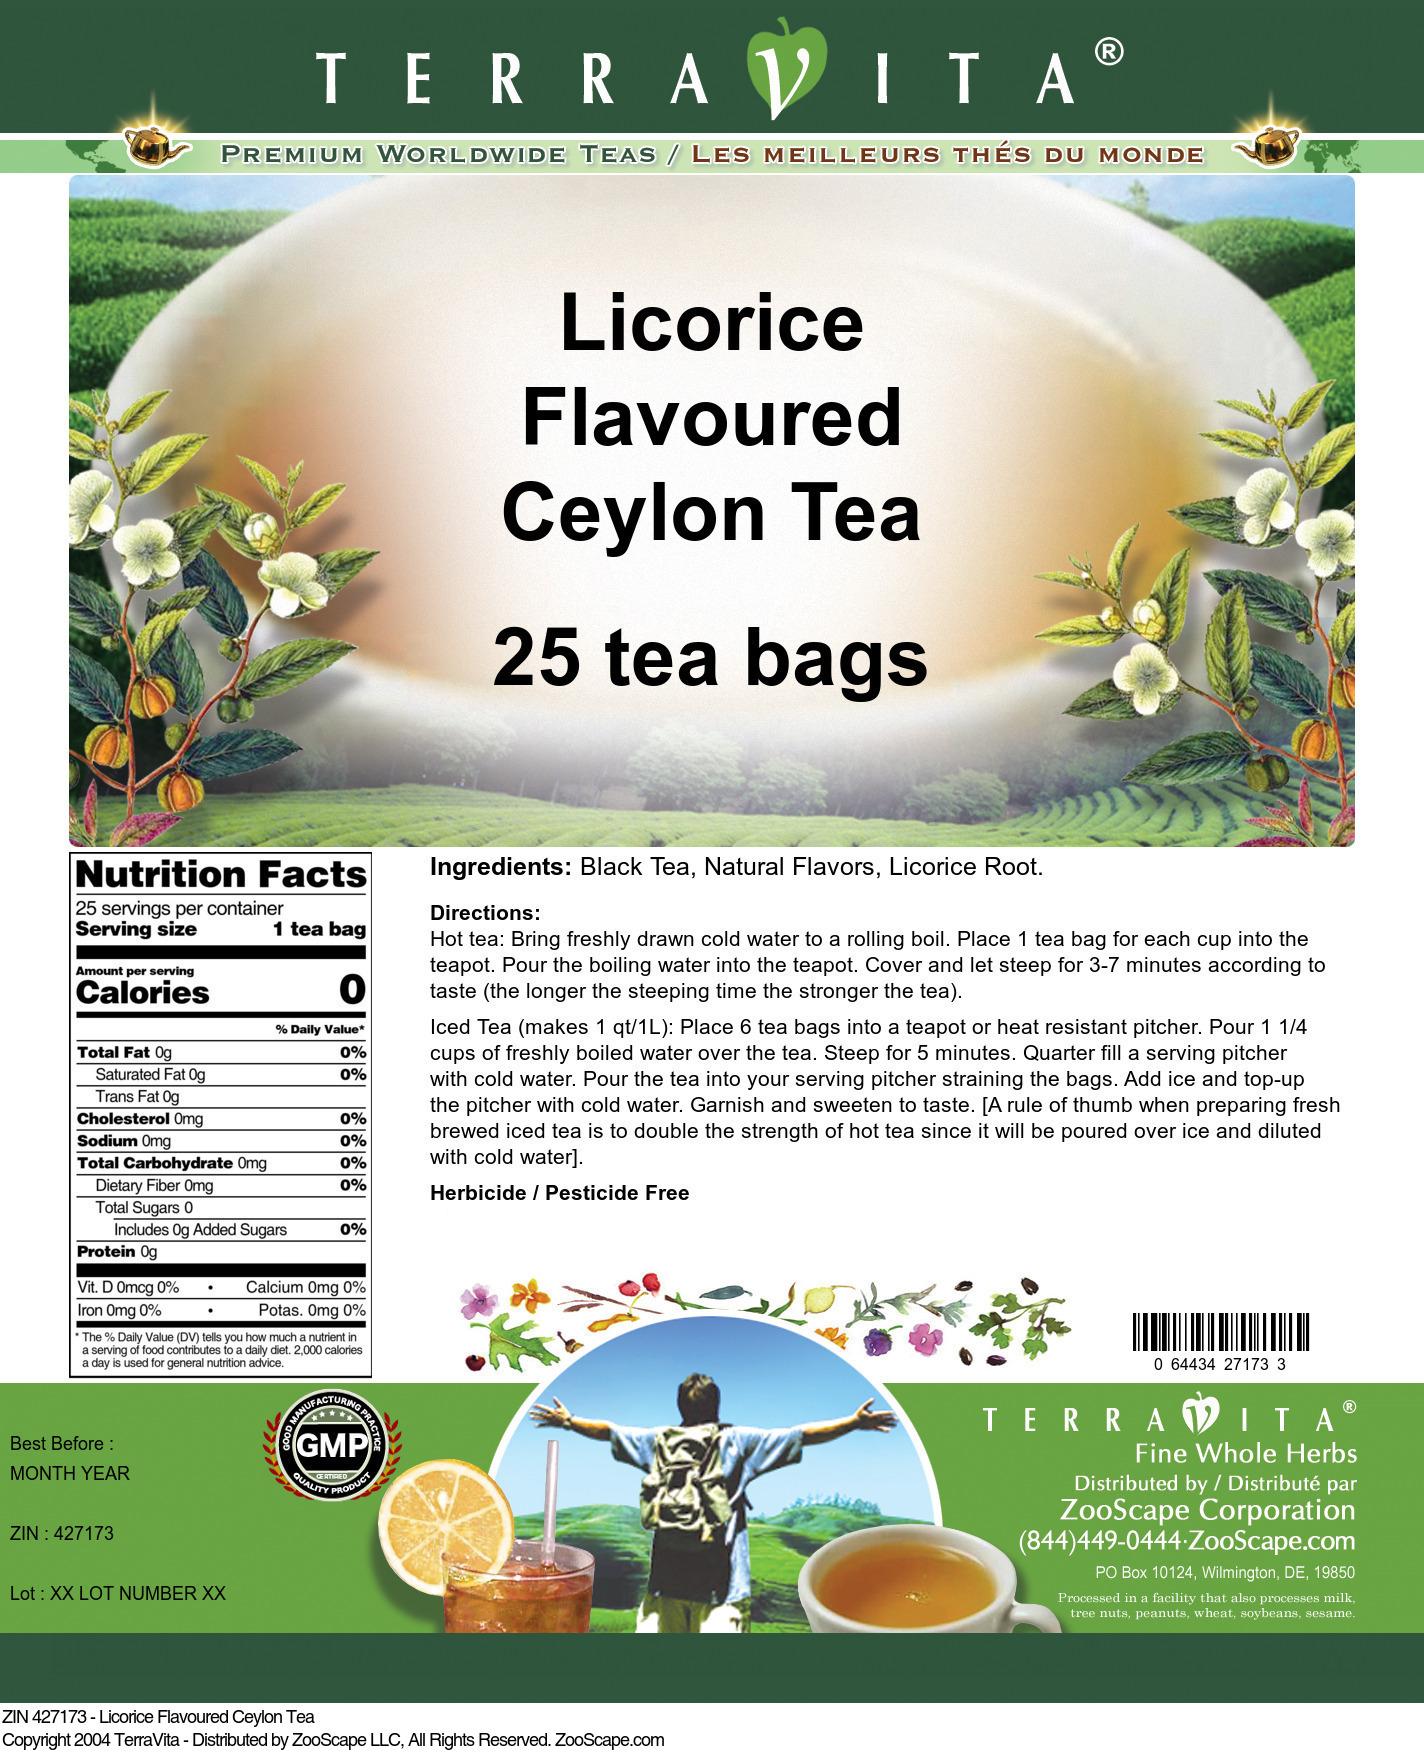 Licorice Flavoured Ceylon Tea